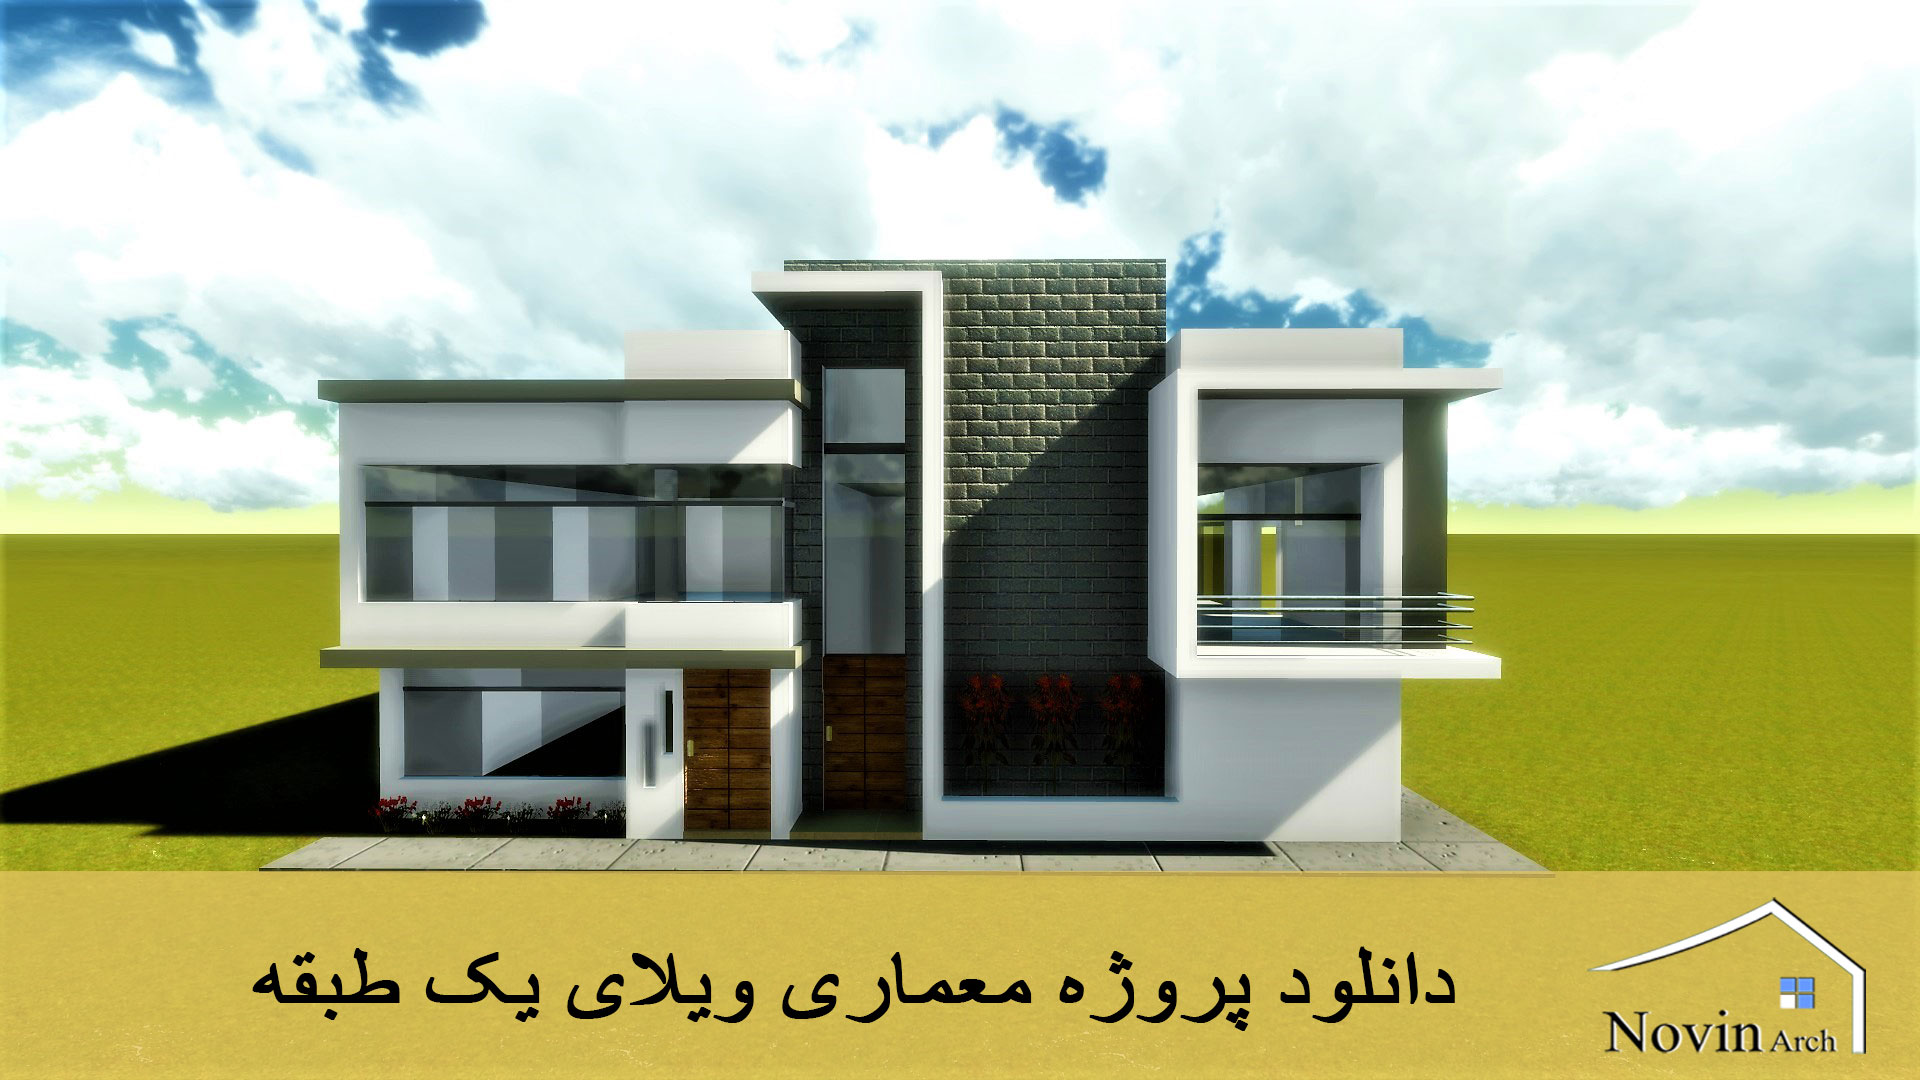 پروژه ویلا مسکونی 2 طبقه